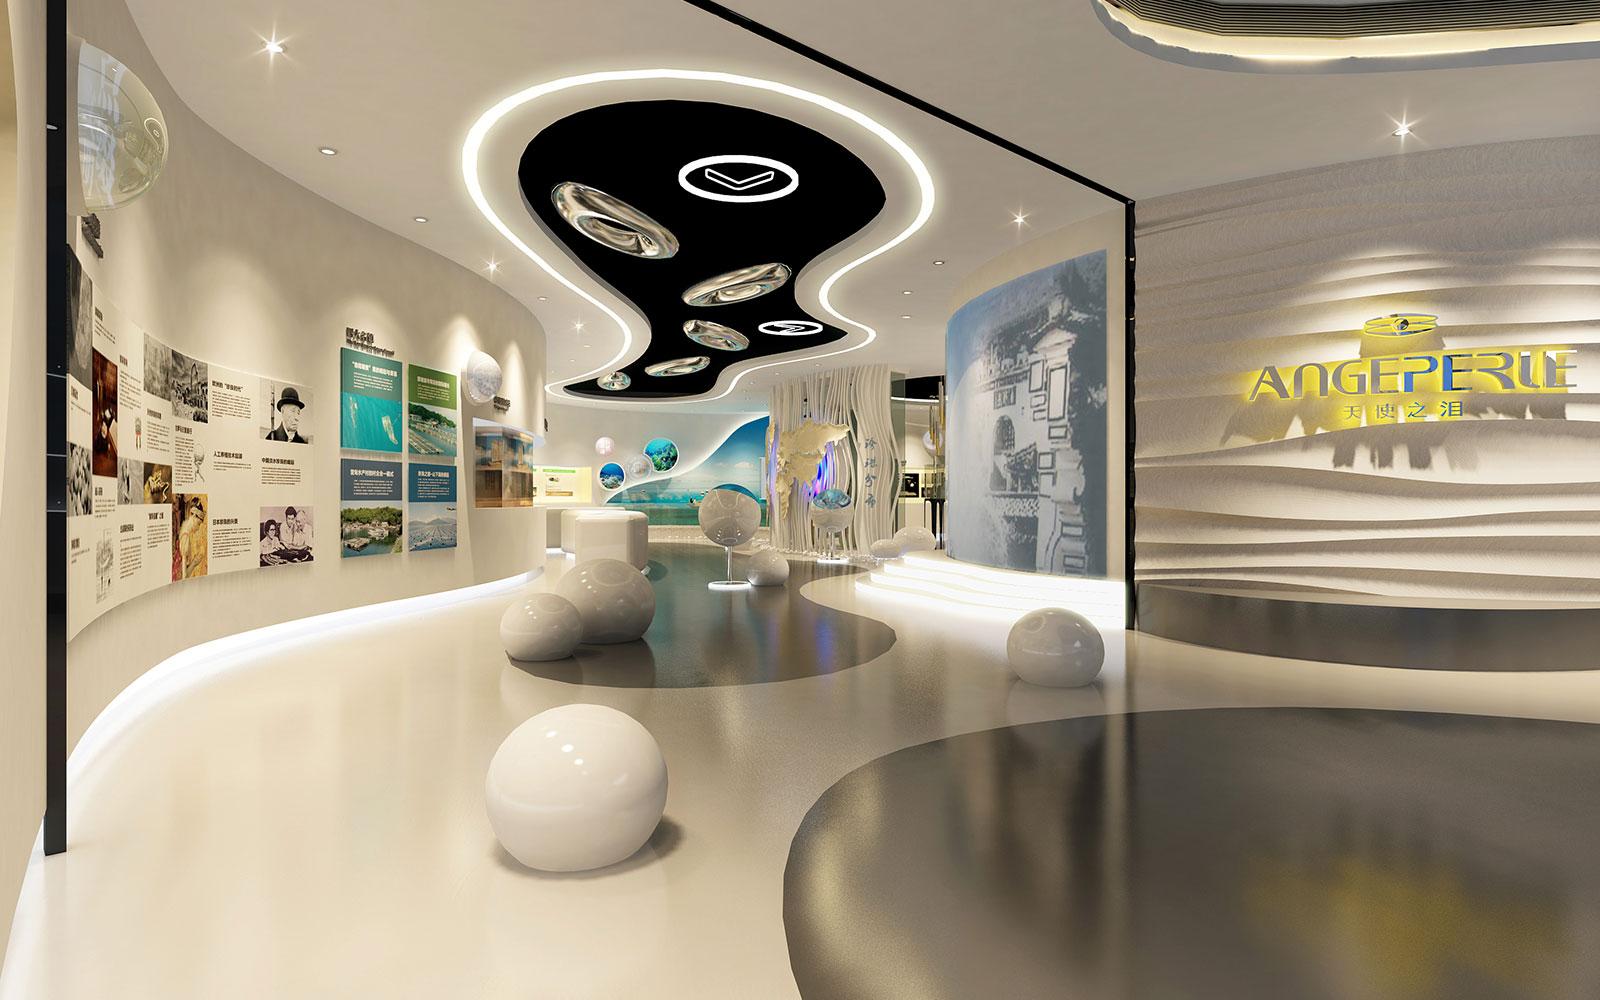 新中式风格的现代空间设计应用